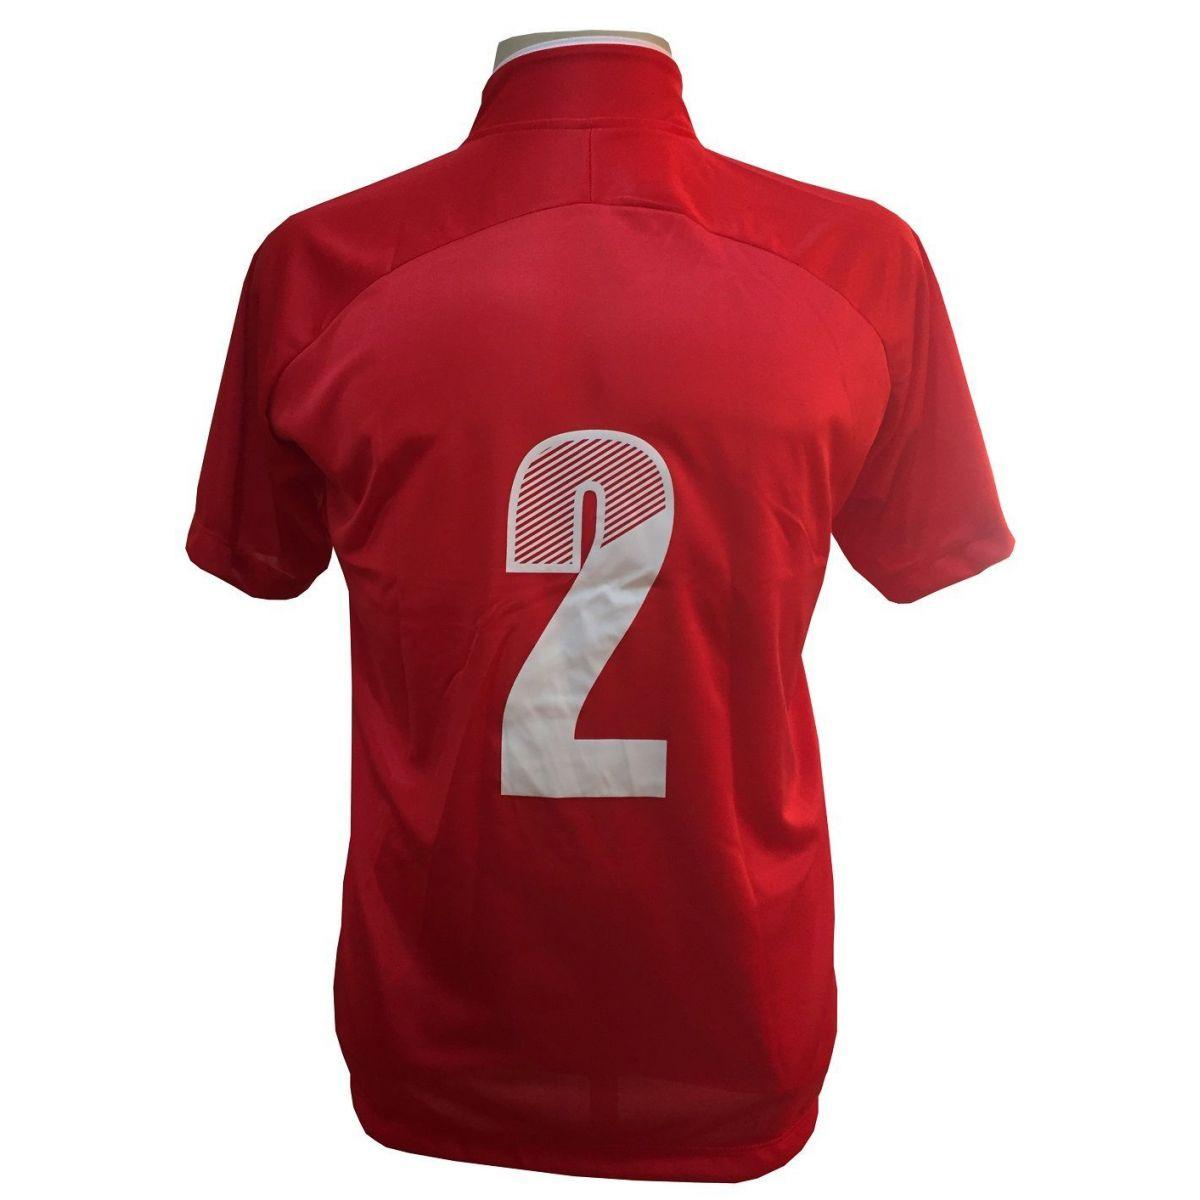 Uniforme Esportivo com 12 Camisas modelo City Vermelho/Branco + 12 Calções modelo Madrid Vermelho